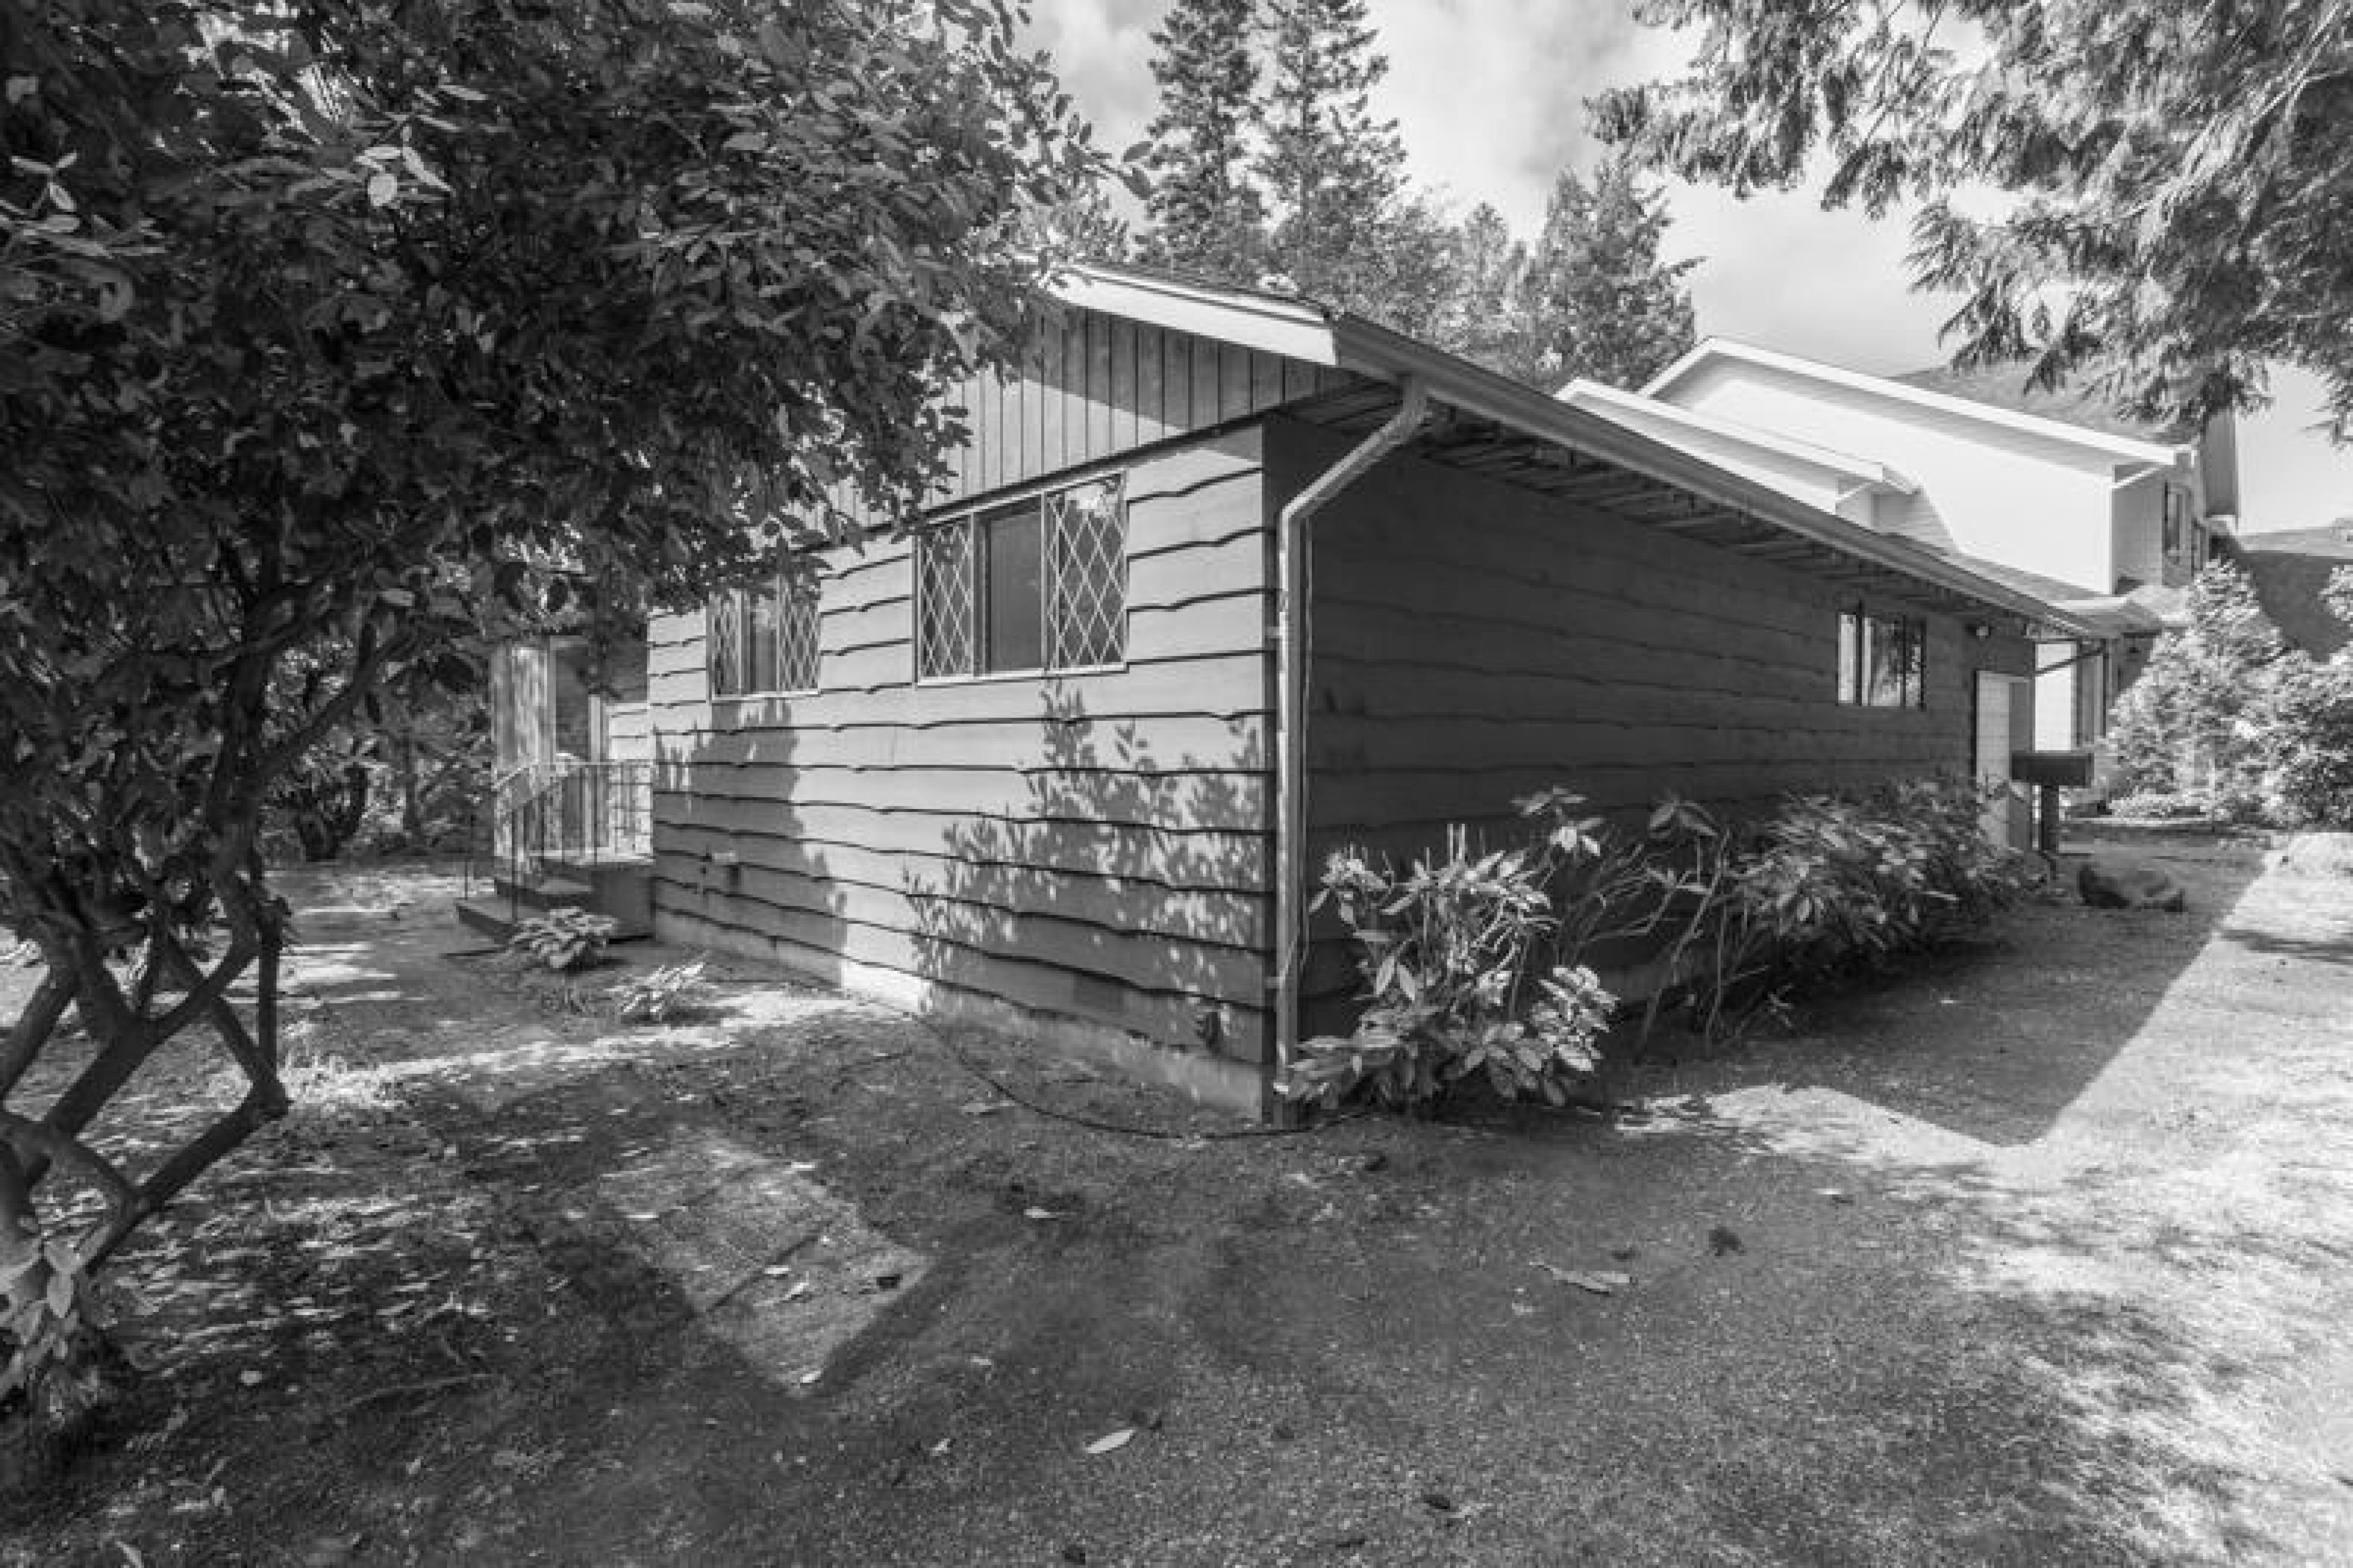 13096 15 Avenue, Crescent Bch Ocean Pk., South Surrey White Rock 2